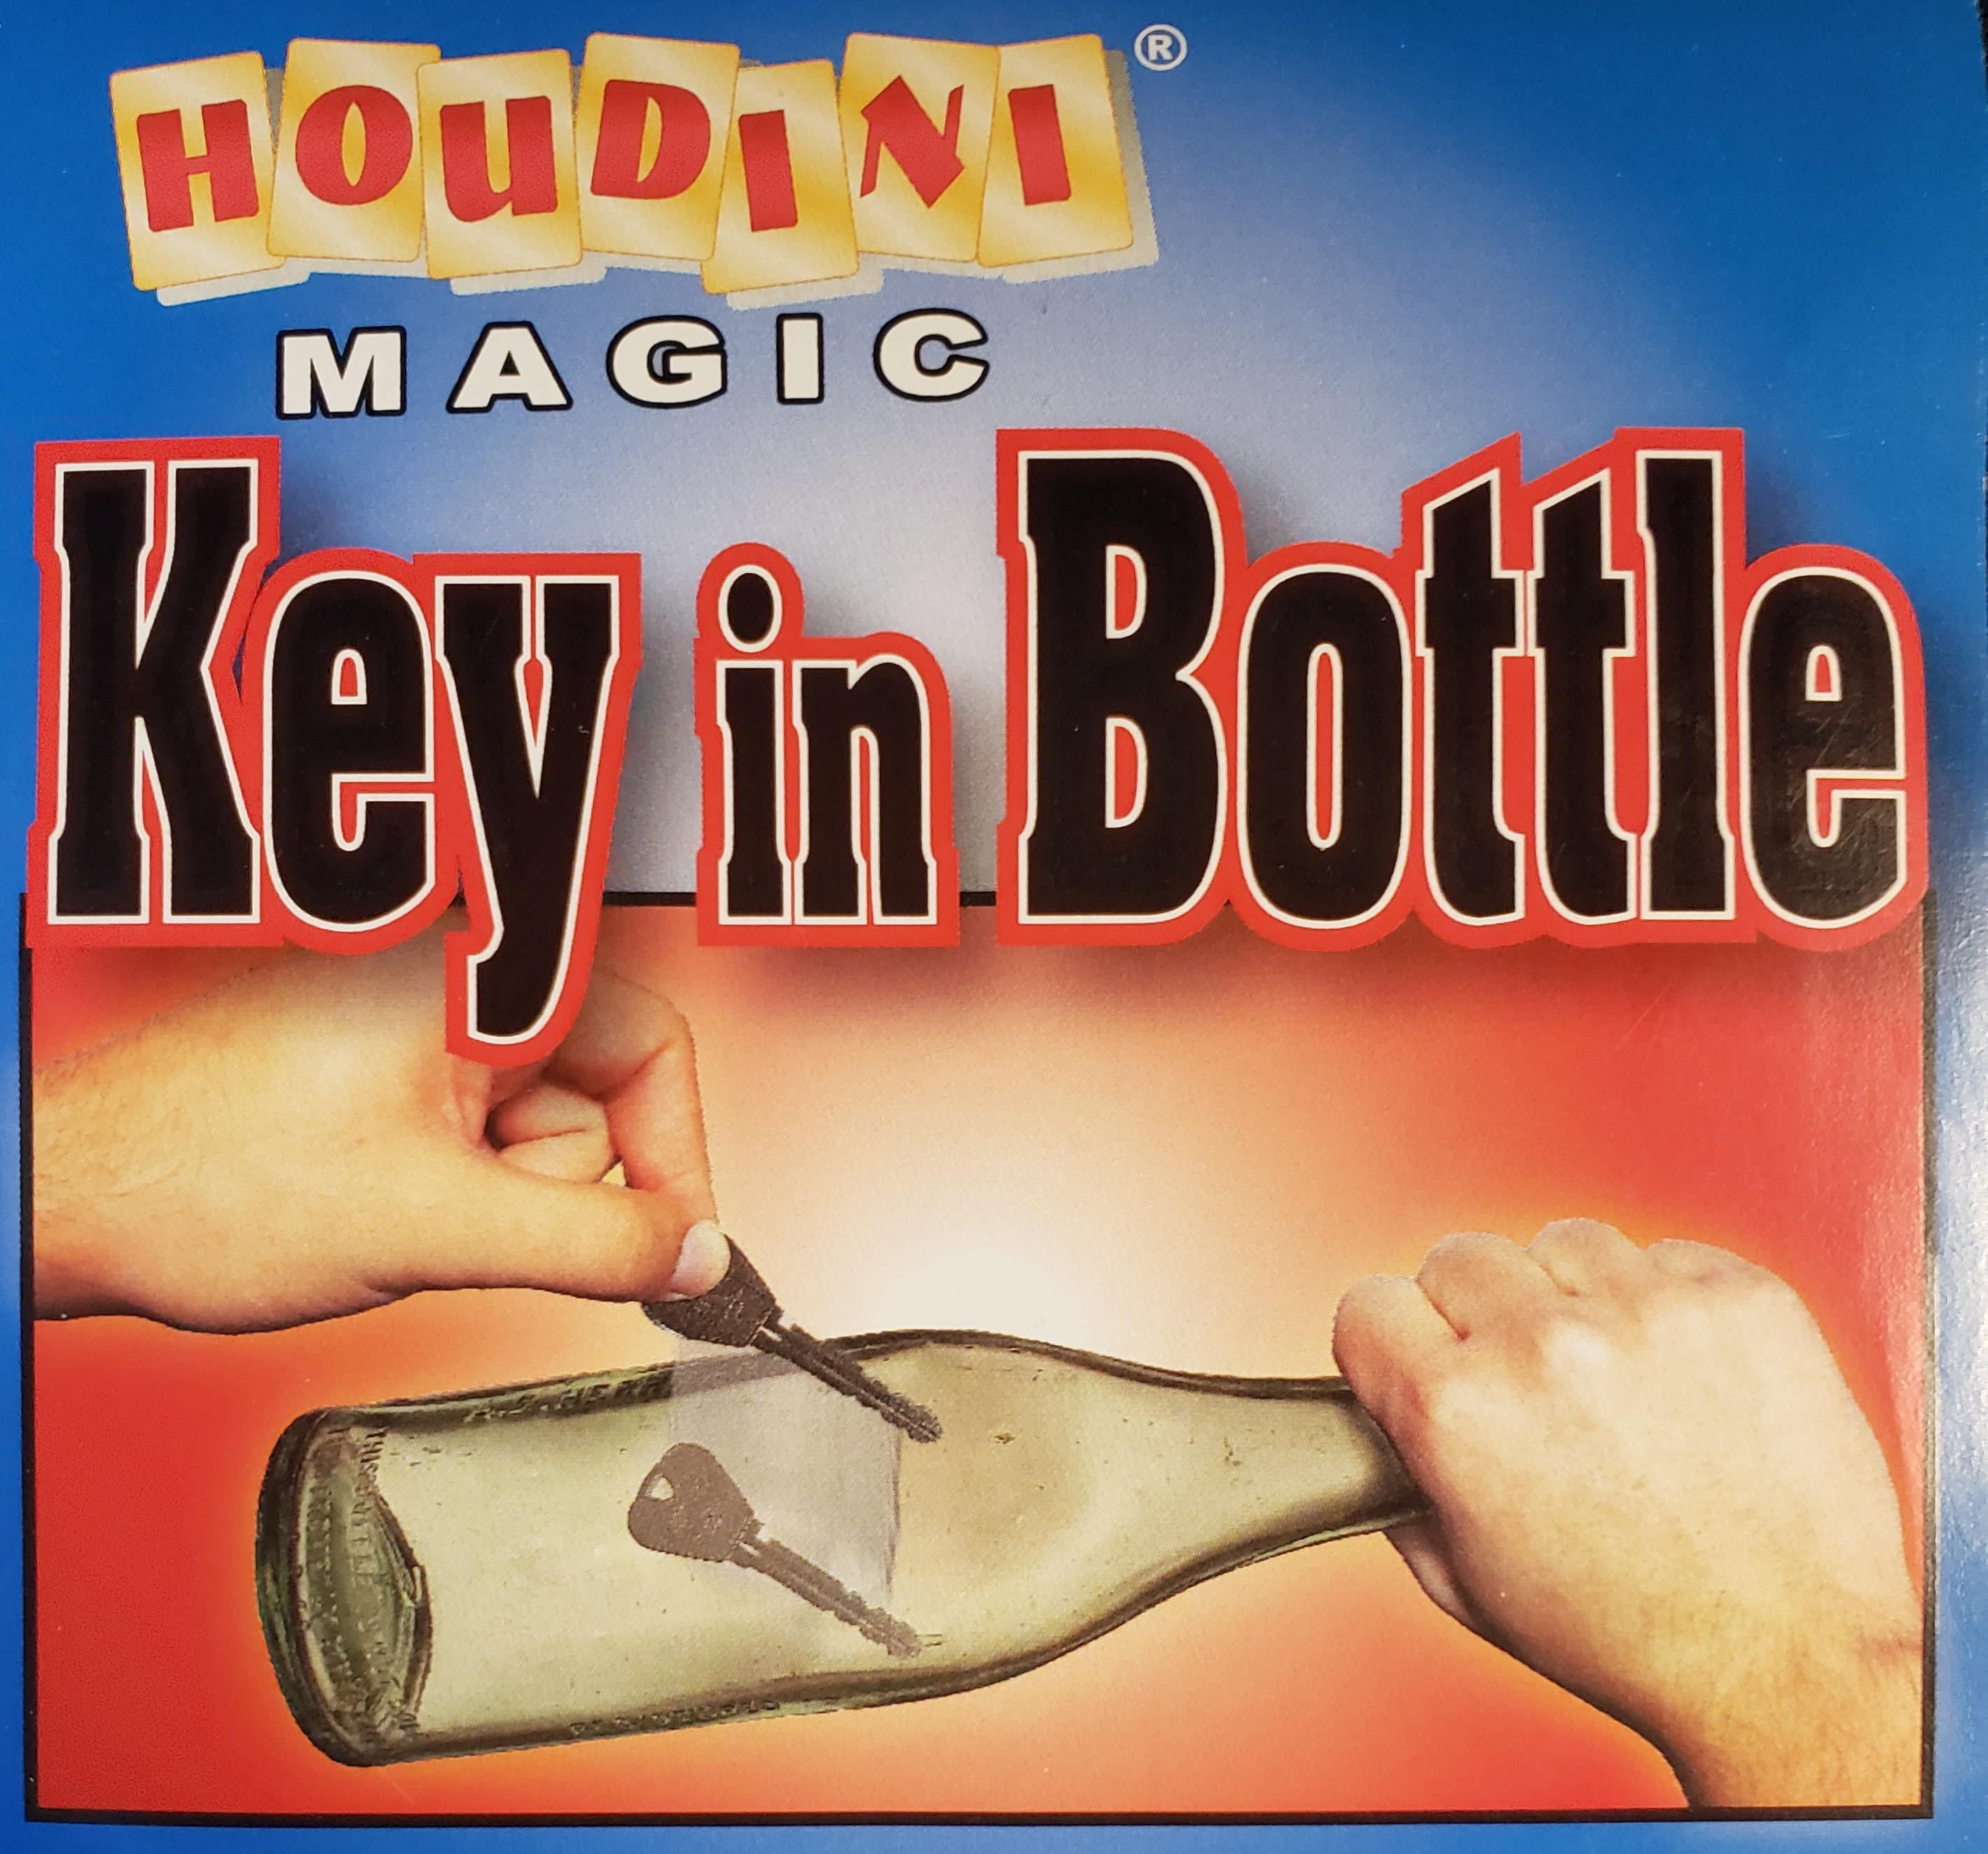 Key in Bottle